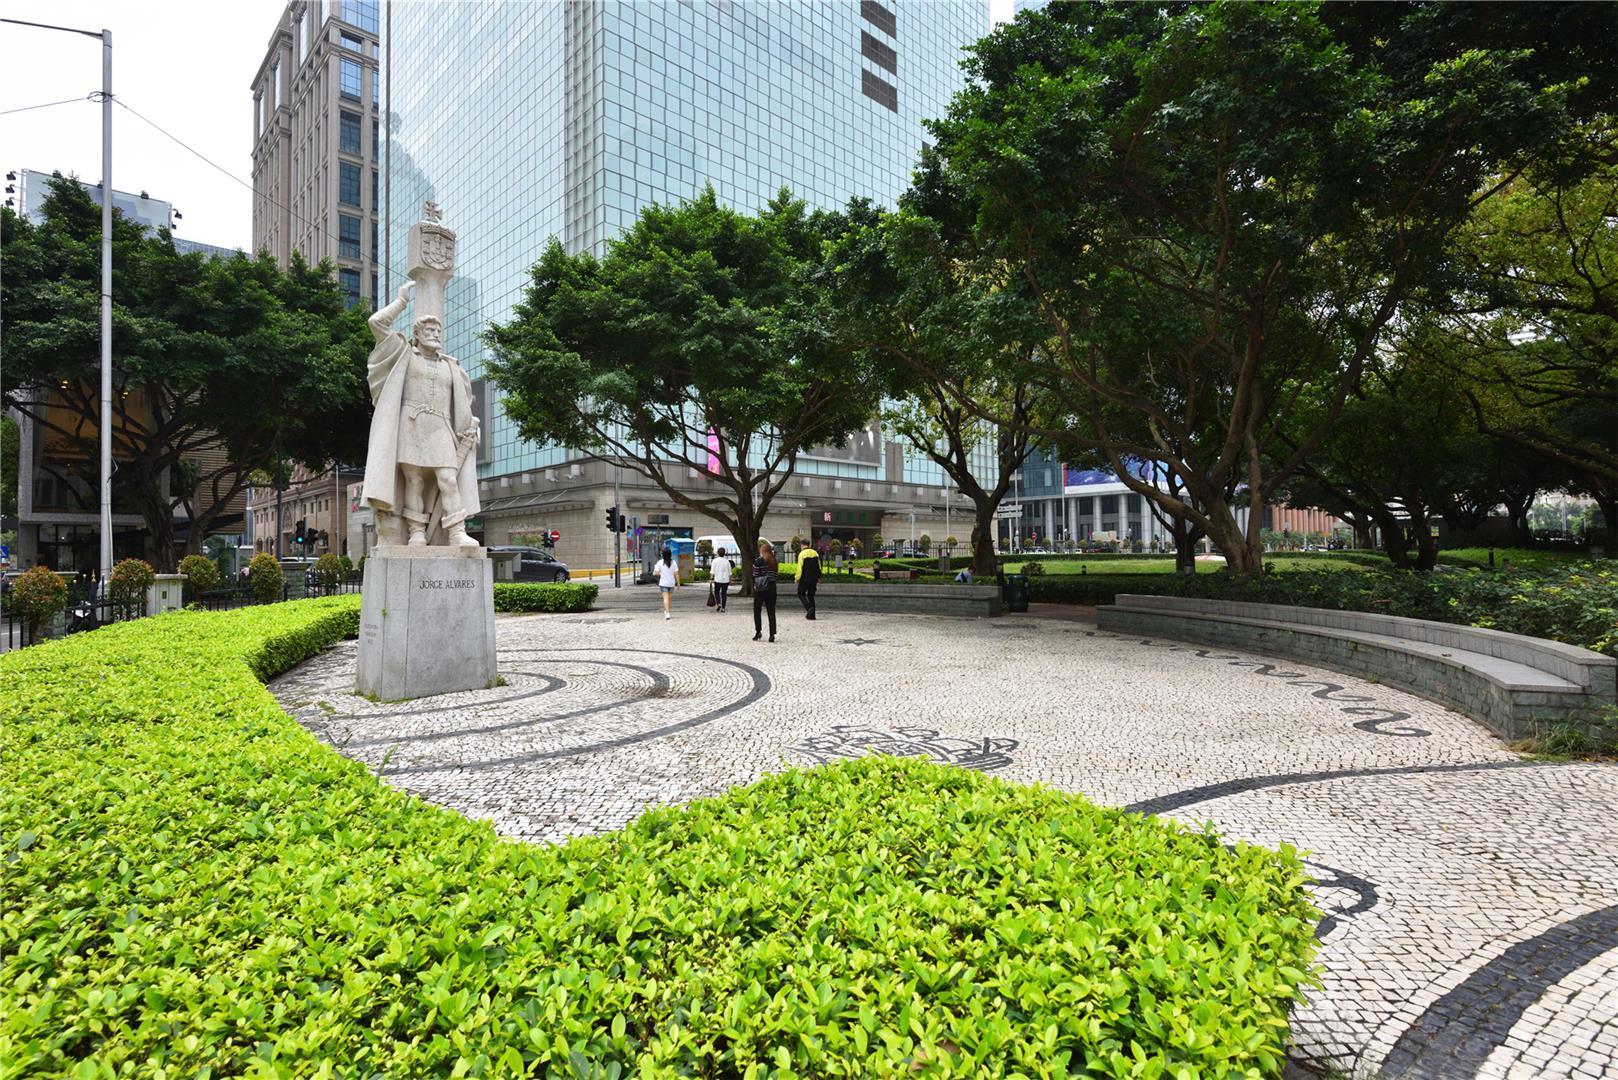 Leisure Area in Praça de Jorge Álvares